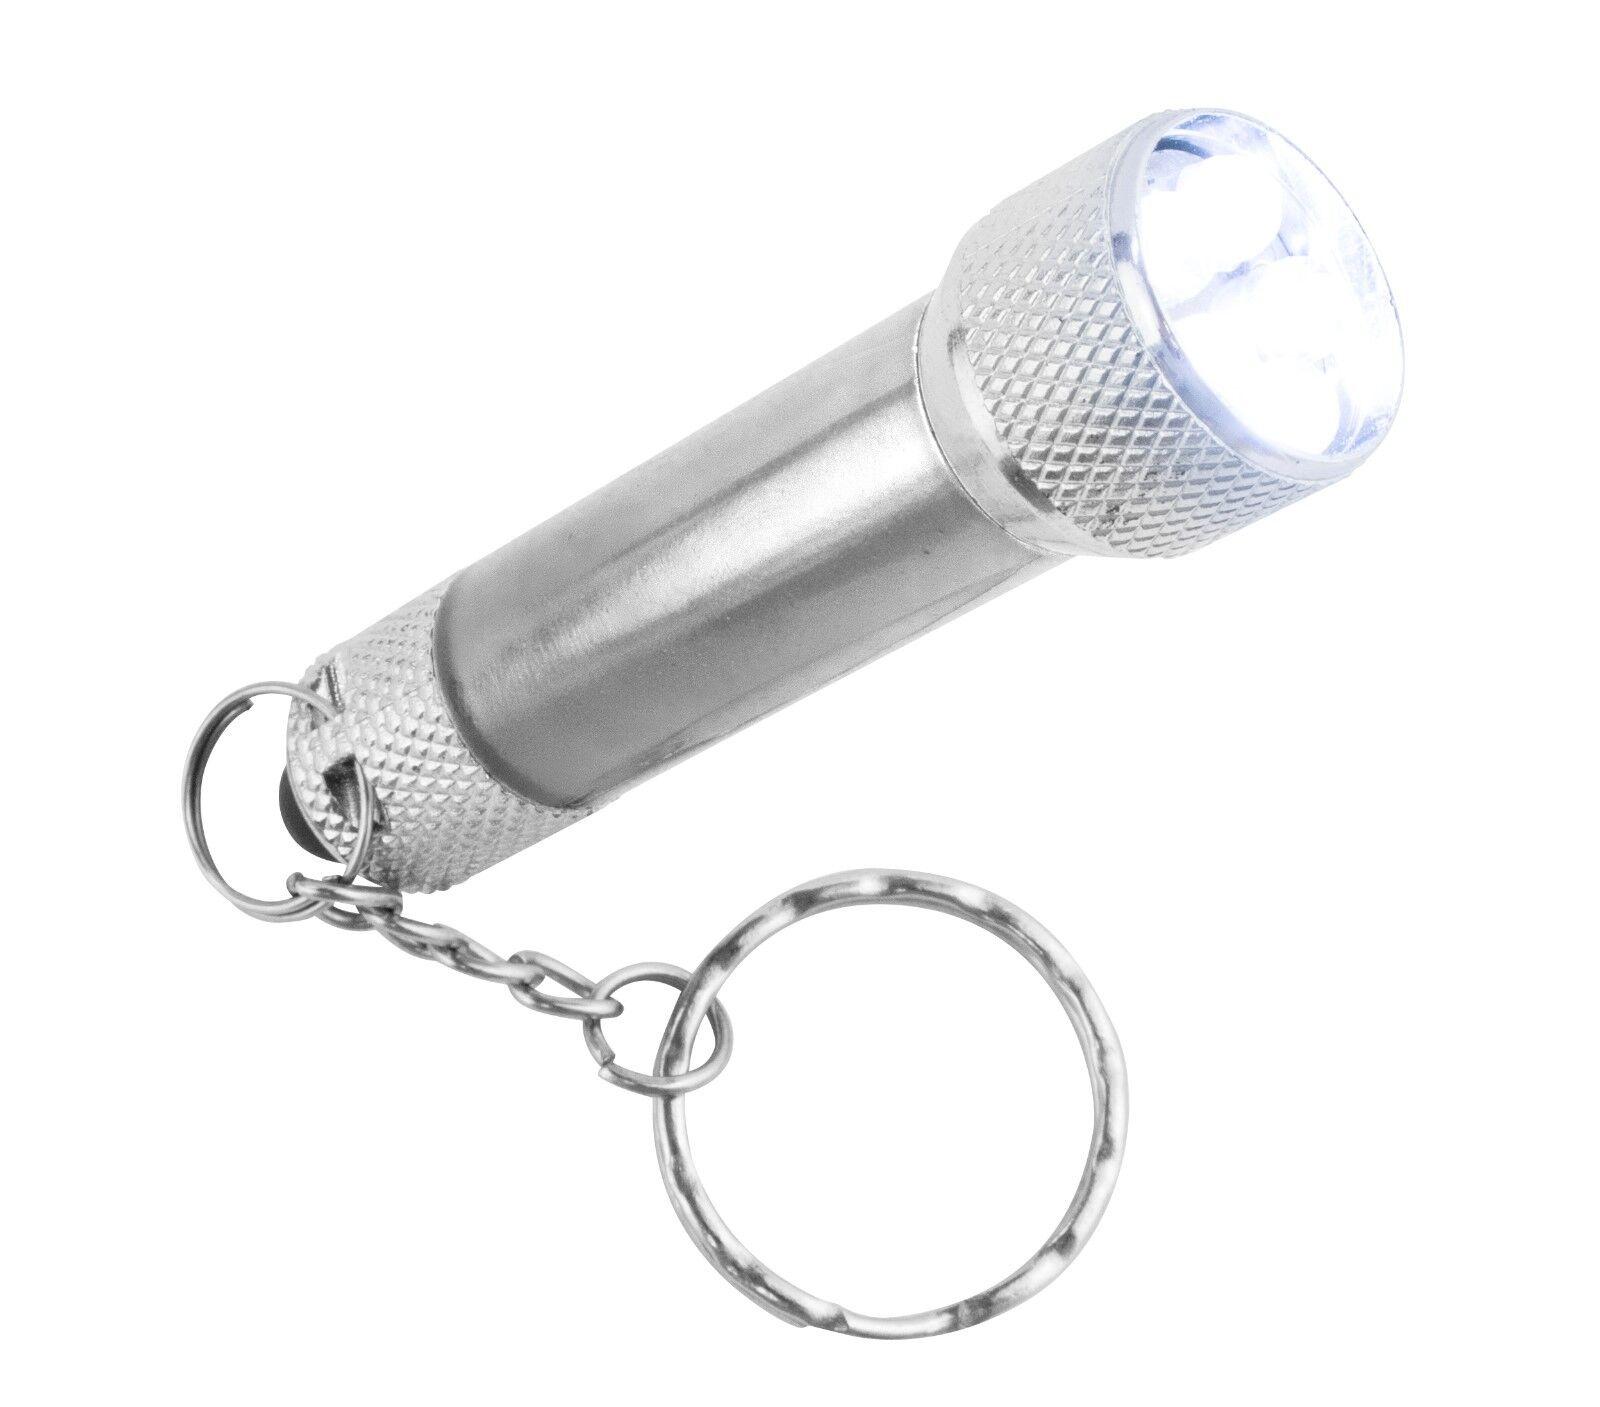 500 X Uniross - 3 LED Linterna Antorcha Mini Batería Aluminio Pequeño/Llavero Con Batería Mini 5ca797